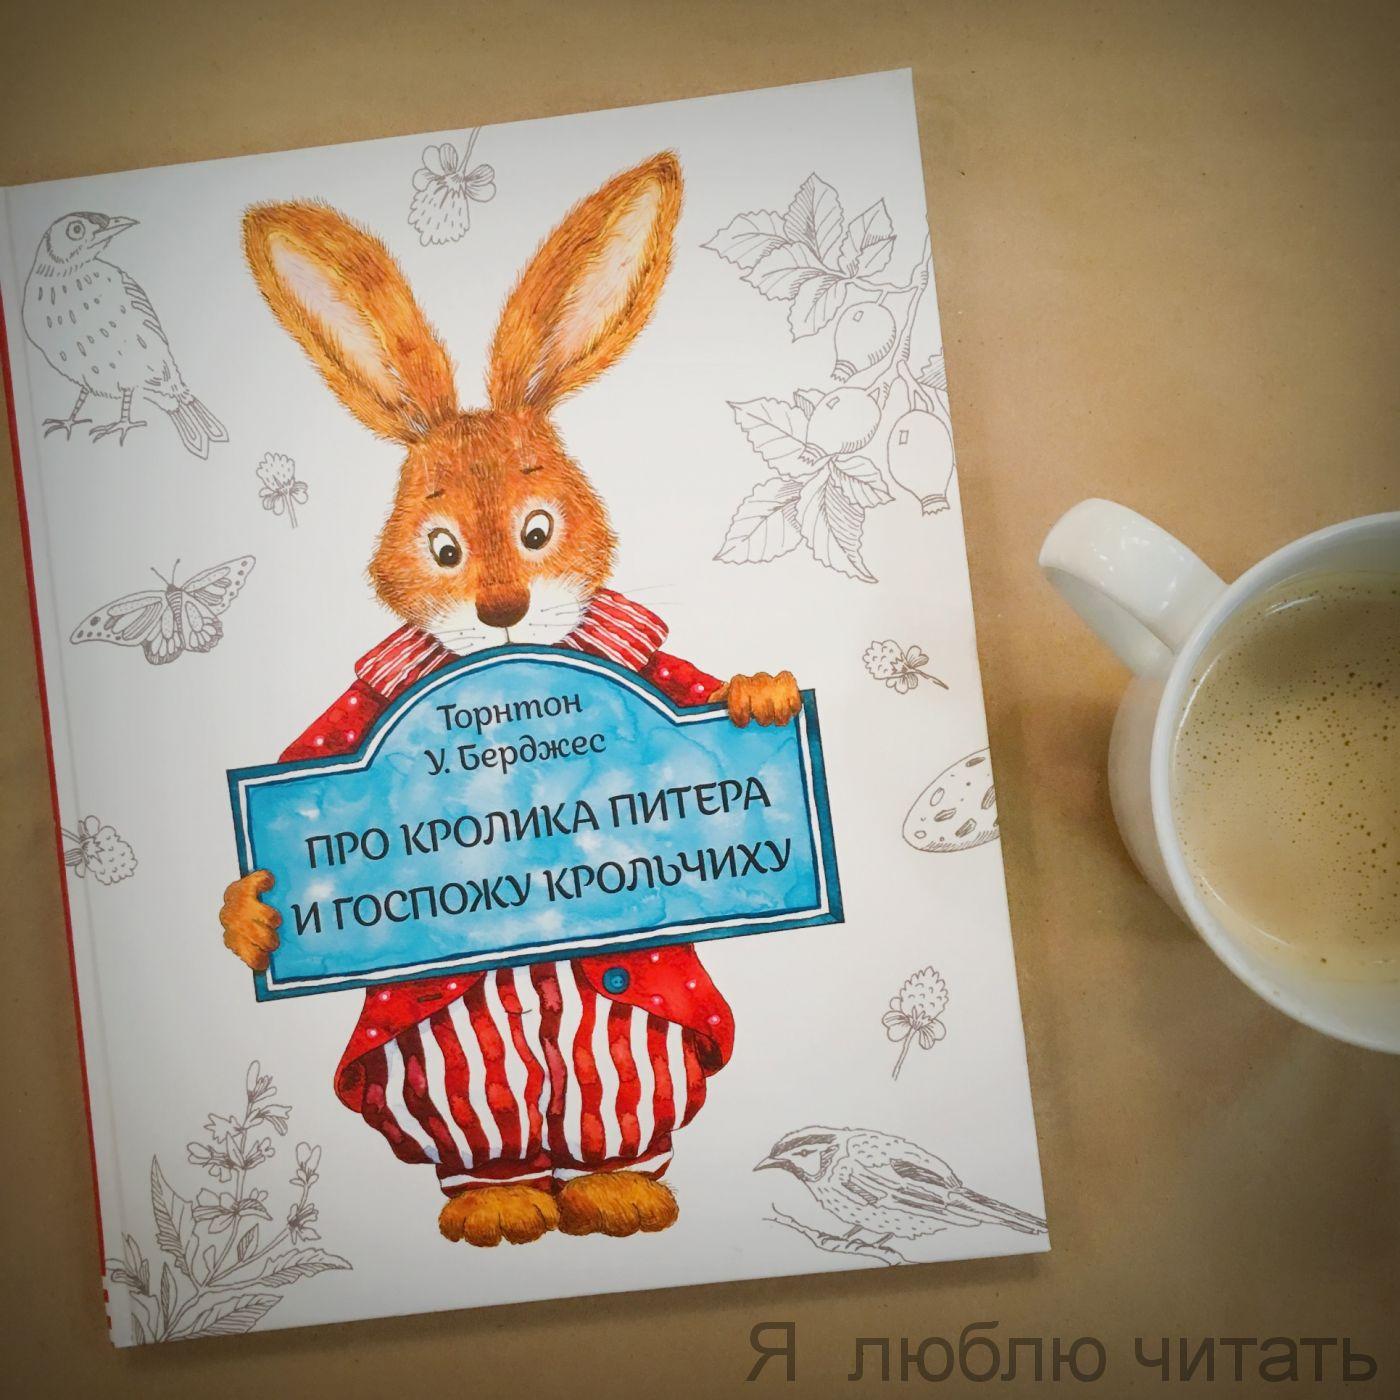 Про кролика Питера и госпожу Крольчиху